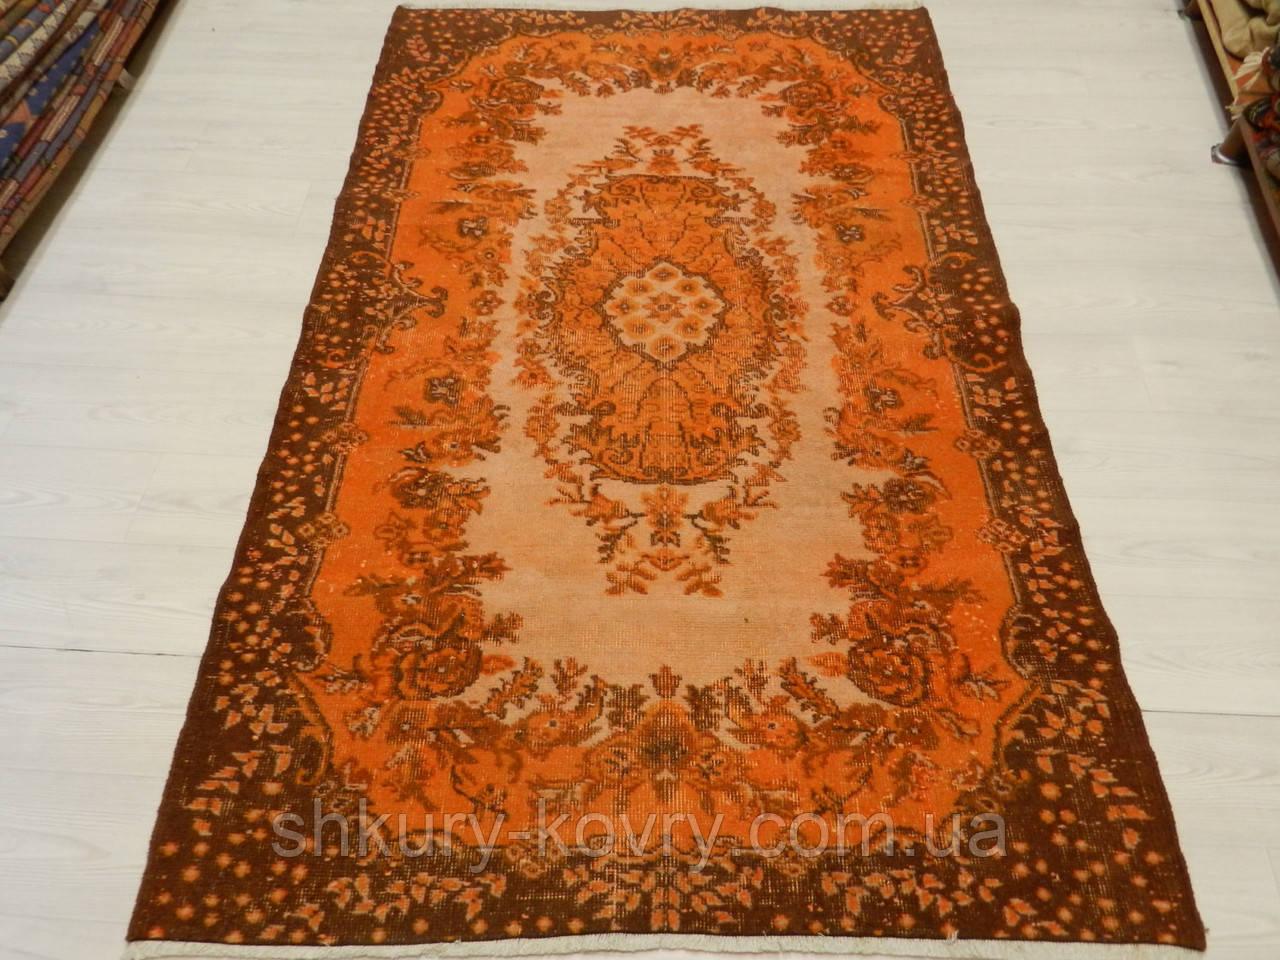 Оранжевый ковер винтажный классический безворсовый